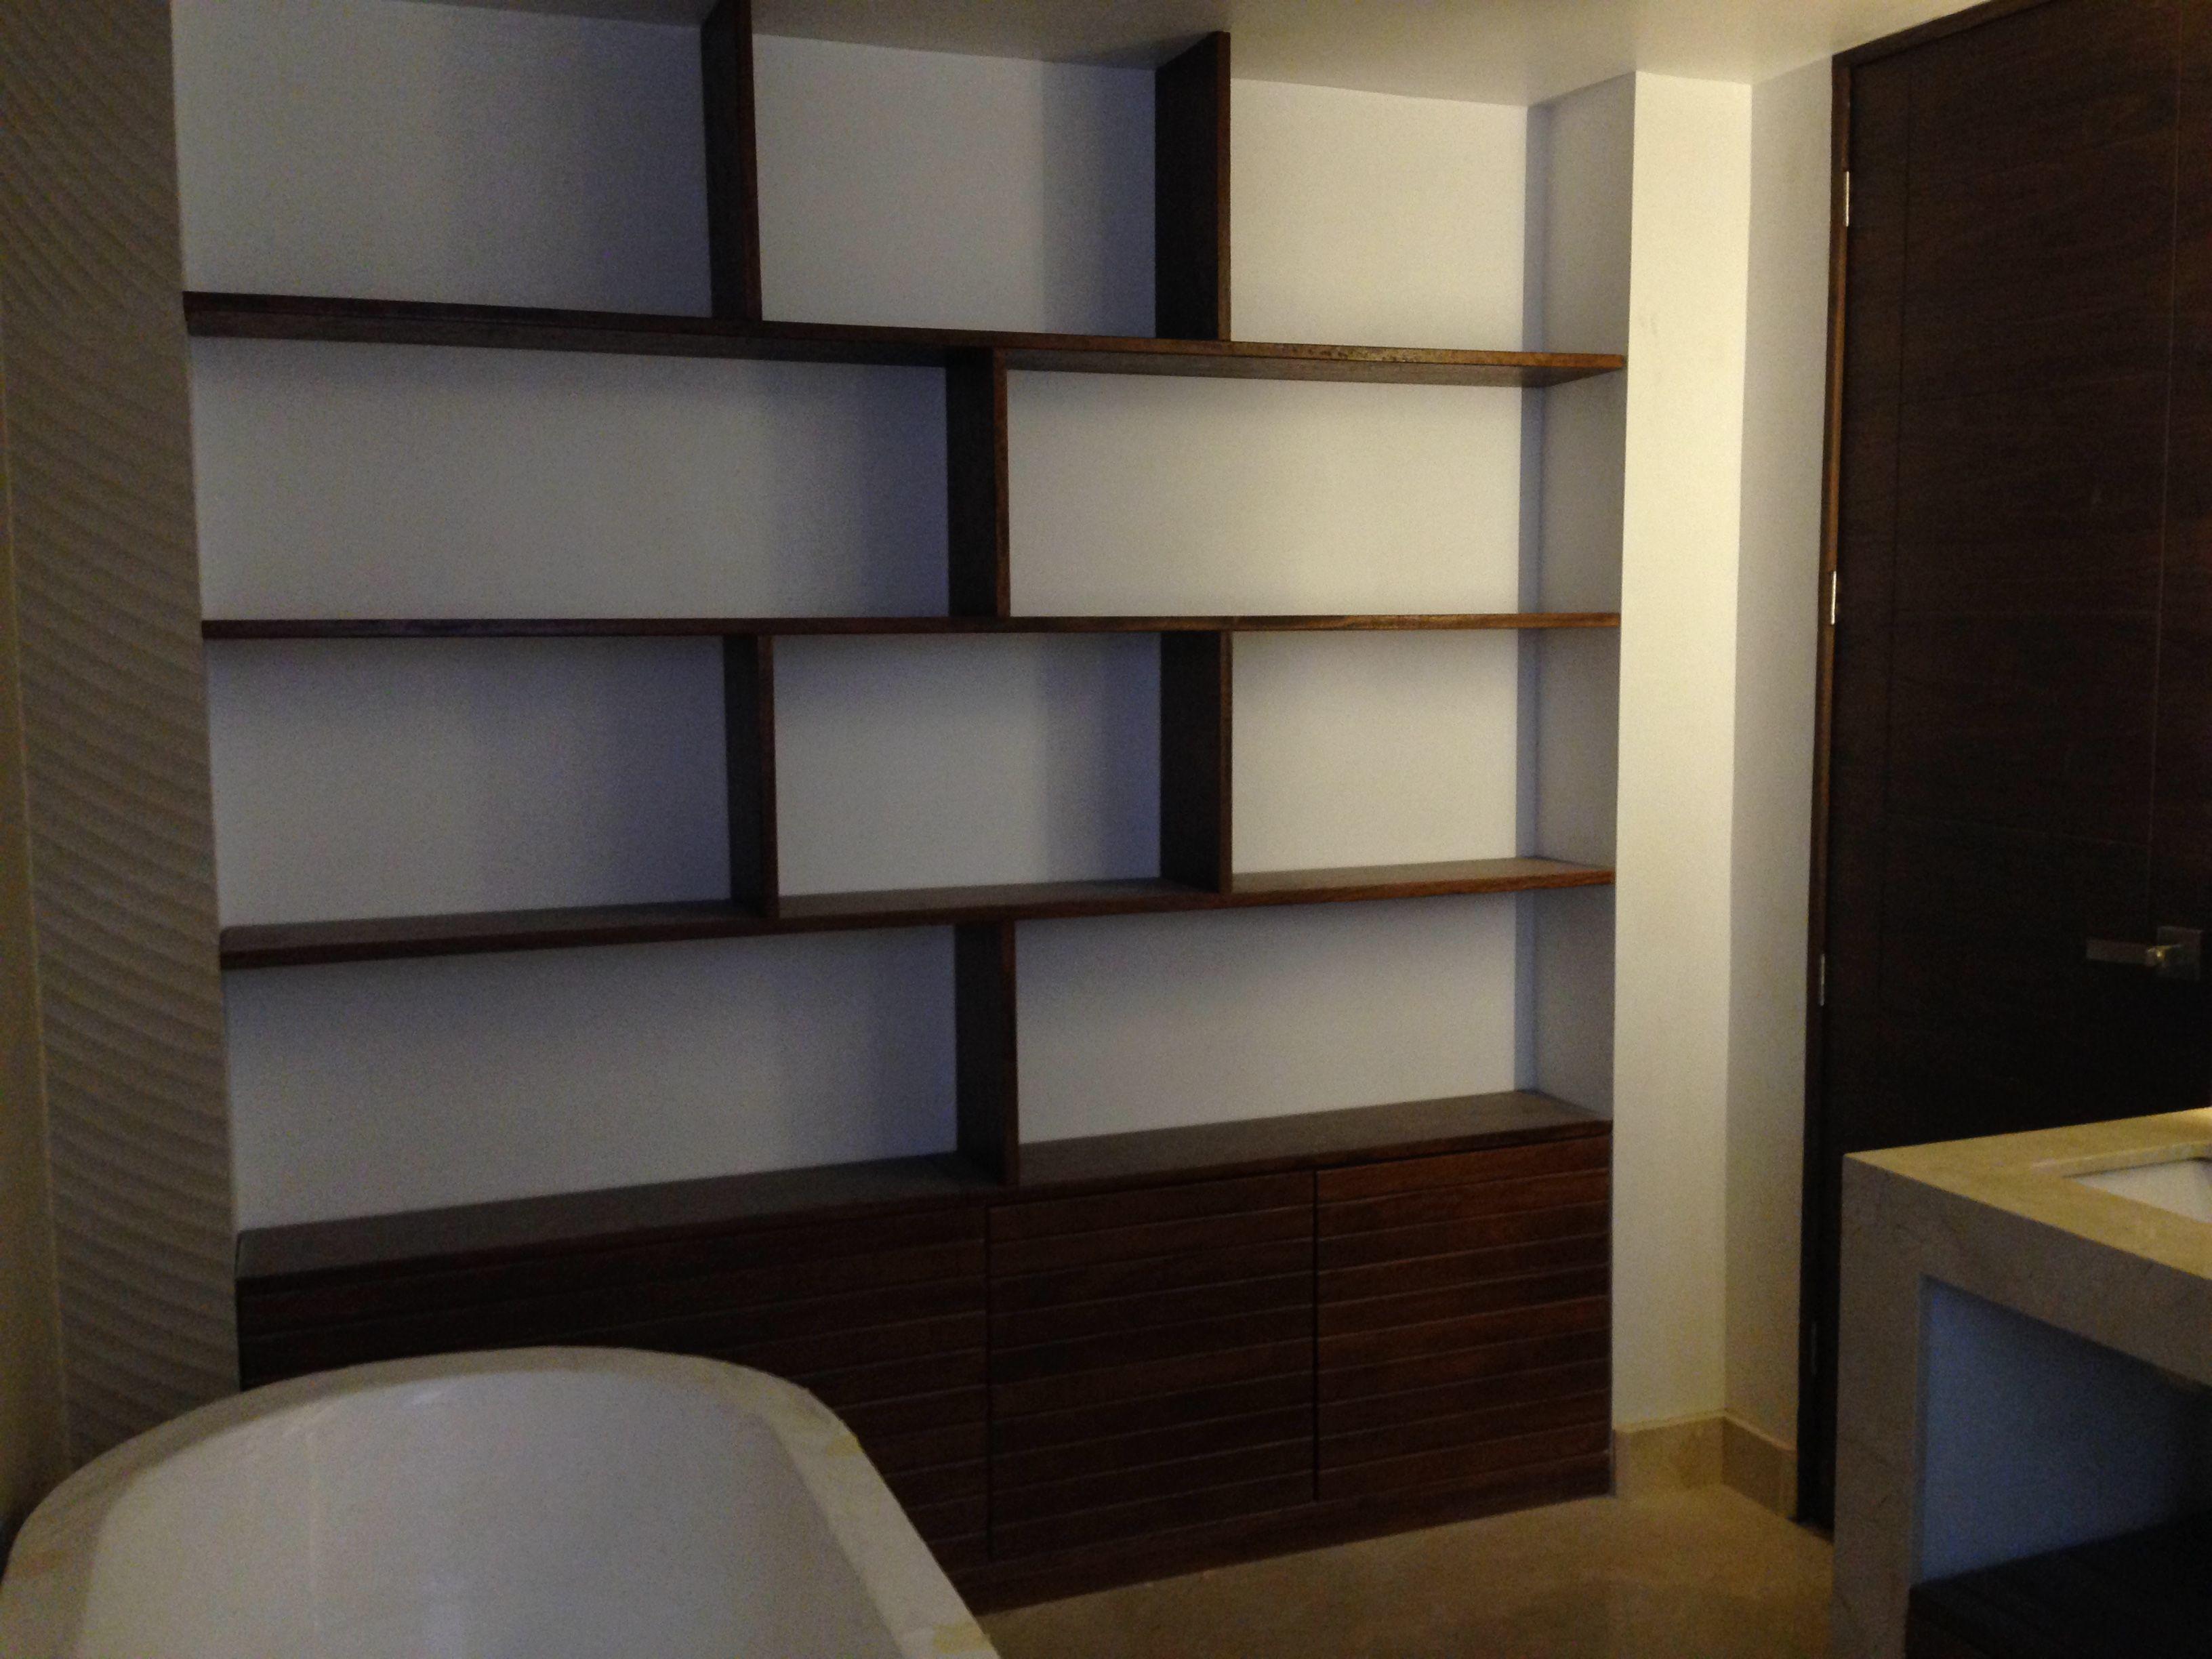 Mueble Para Ba O De Teca Muebles Pinterest Ba O De Teca  # Muebles Teca Interior